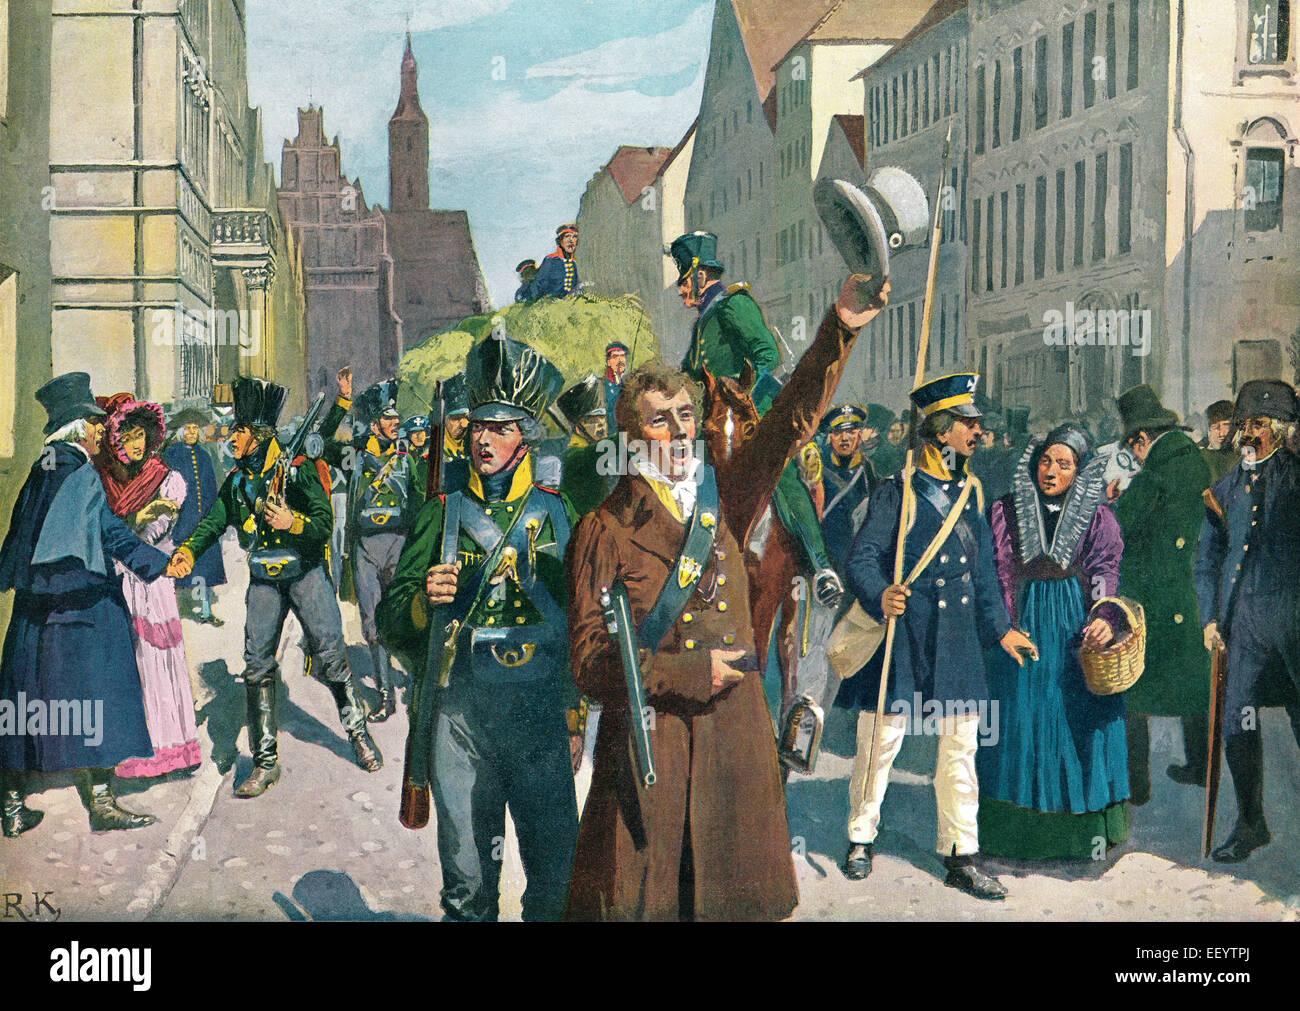 Soulèvement dans Breslau, 1813, les guerres d'indépendance de 1813-15, une peinture par Richard Knötel Photo Stock